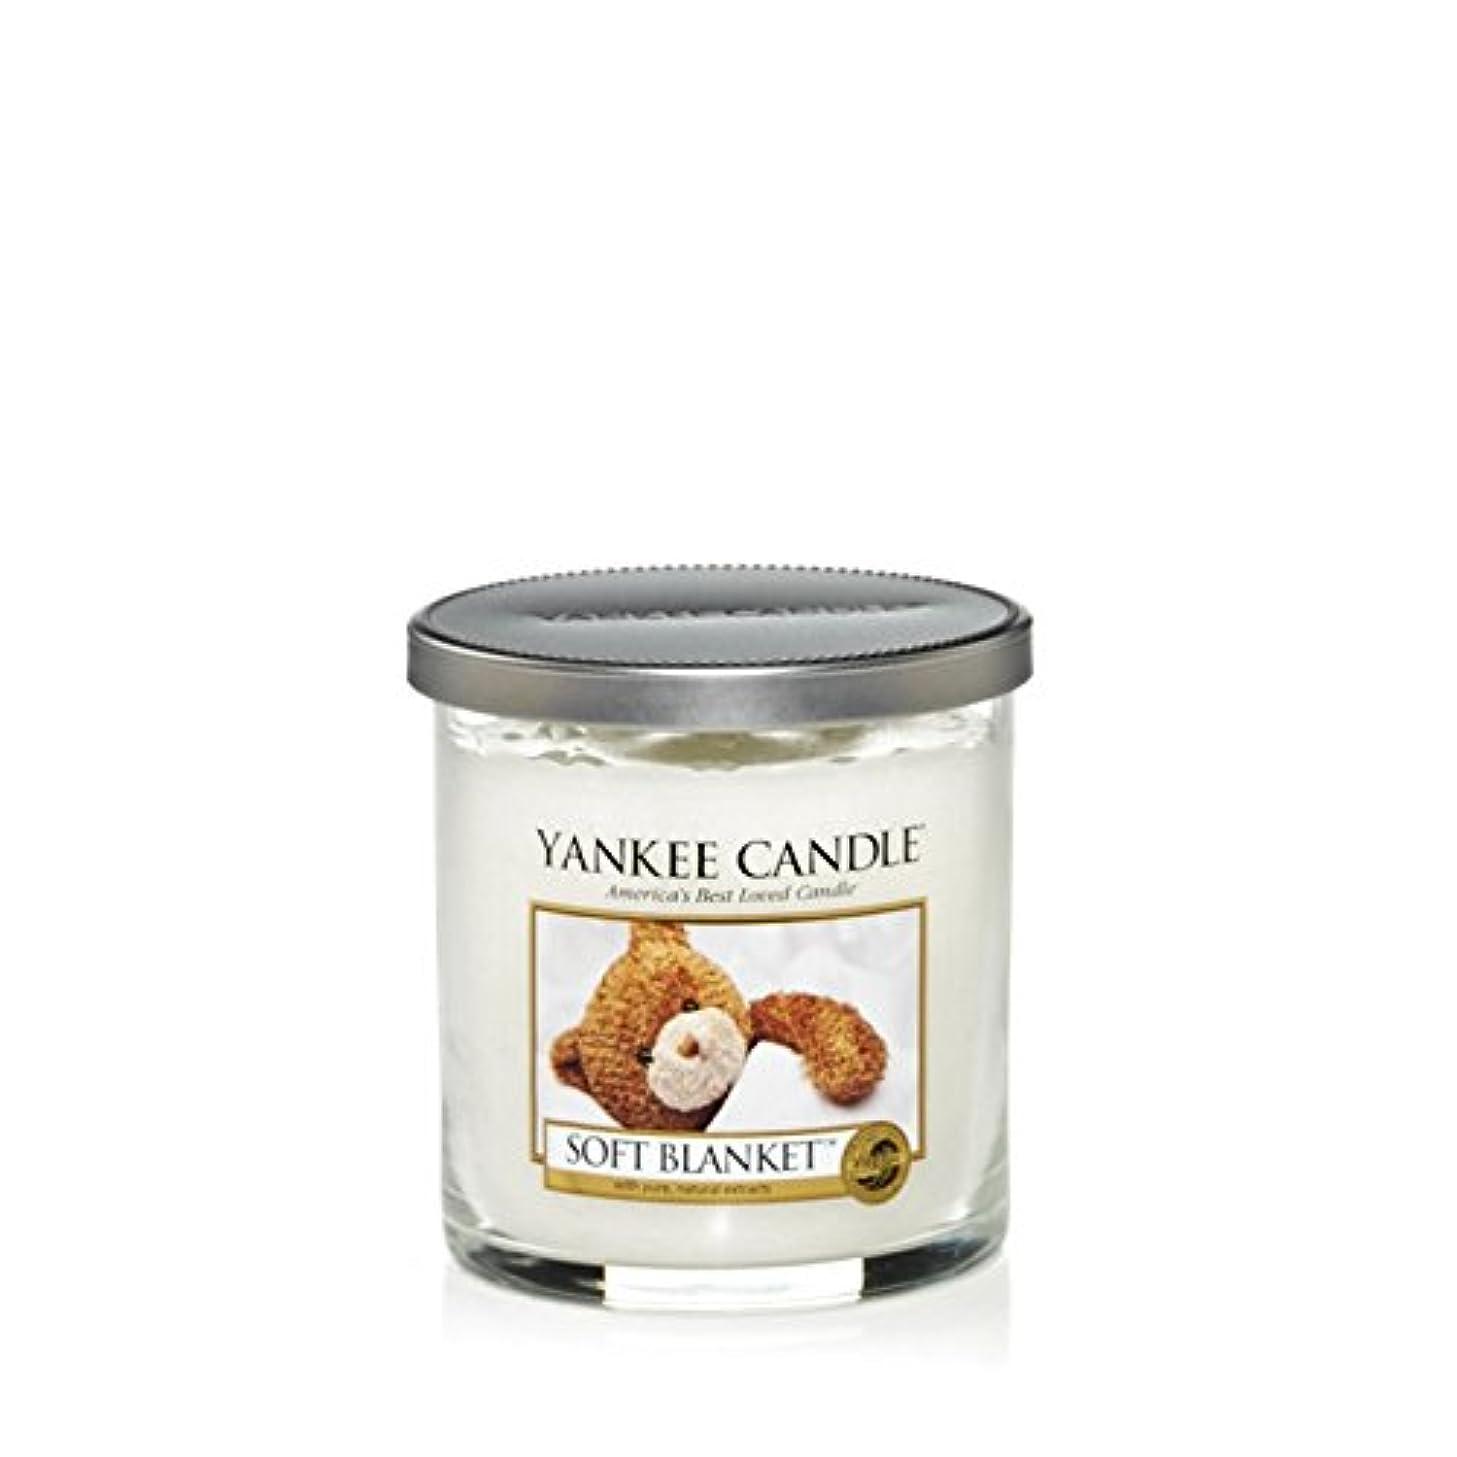 退化する踏み台酸素Yankee Candles Small Pillar Candle - Soft Blanket (Pack of 2) - ヤンキーキャンドルの小さな柱キャンドル - ソフト毛布 (x2) [並行輸入品]